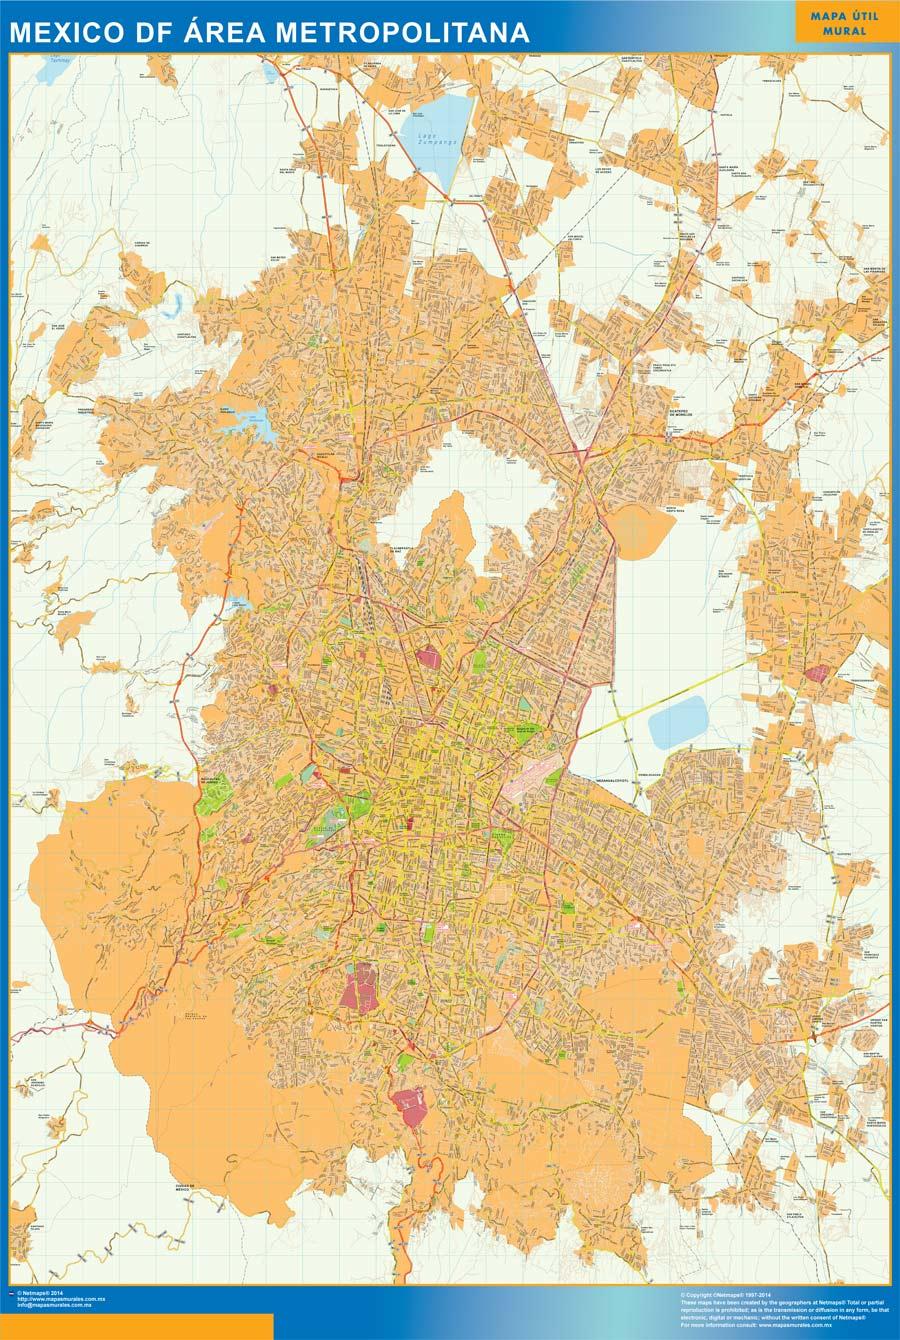 mexico distrito federal map